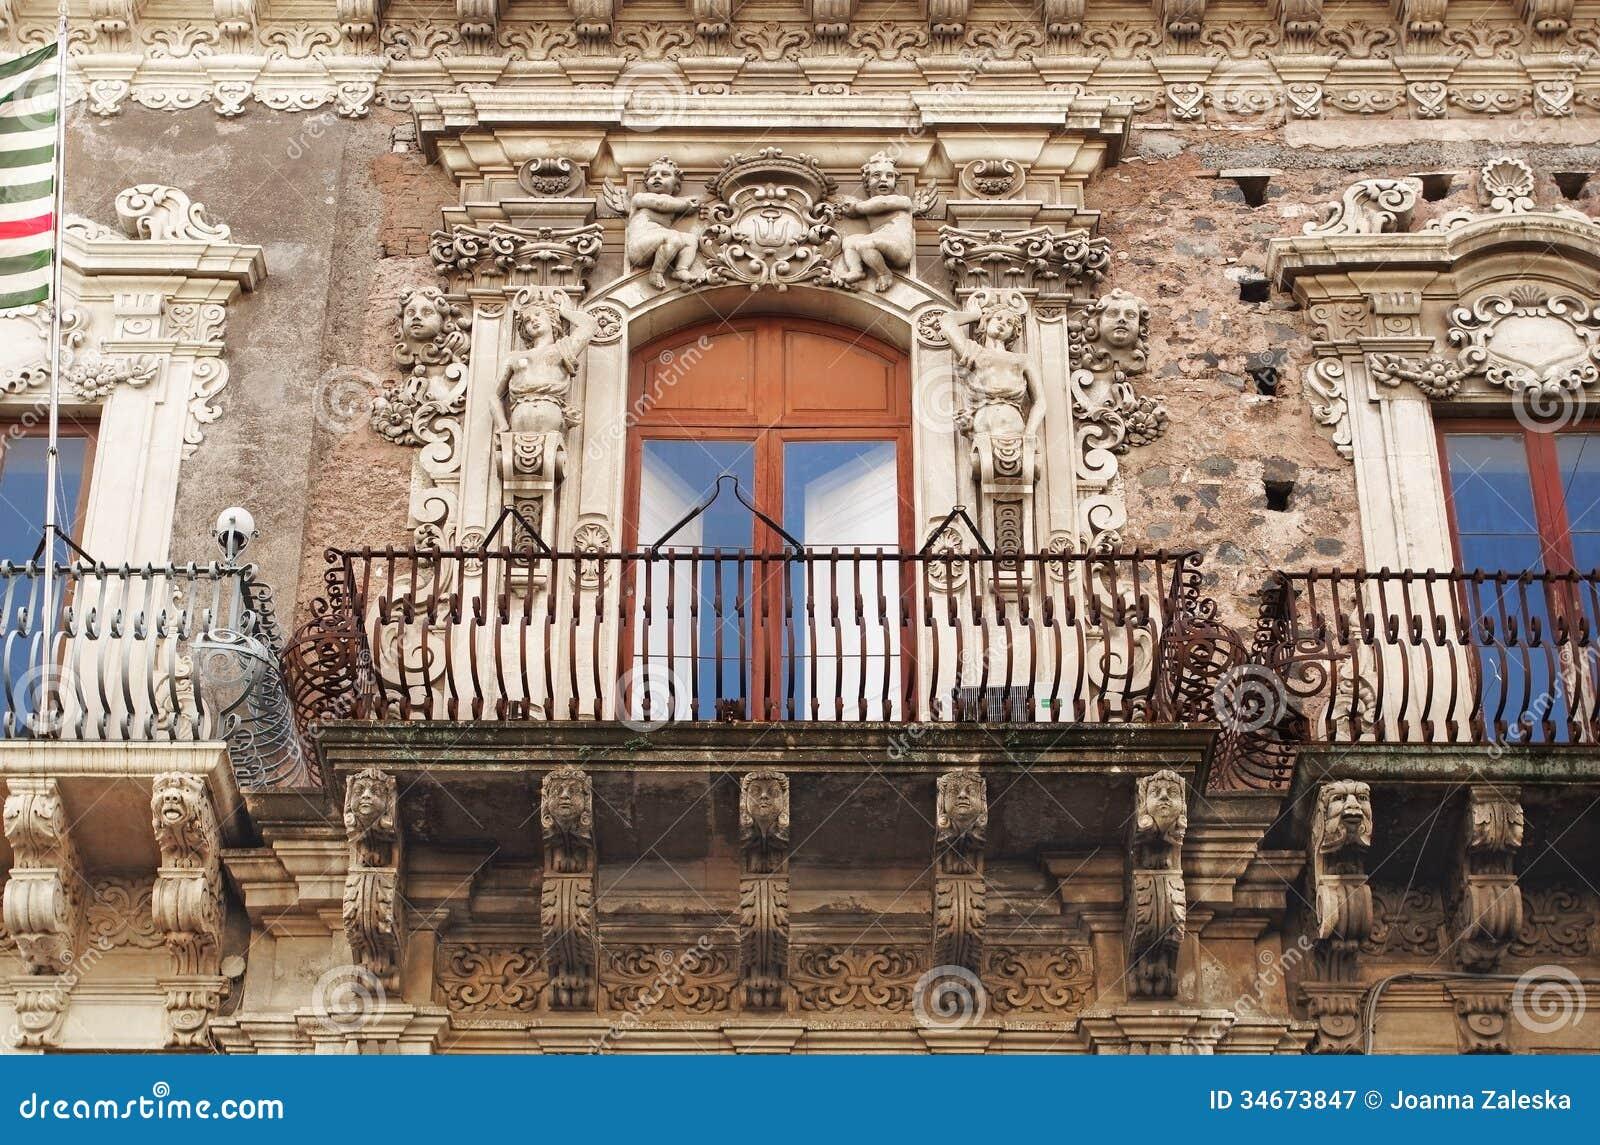 一个巴洛克式的阳台在卡塔尼亚,西西里岛,意大利.图片